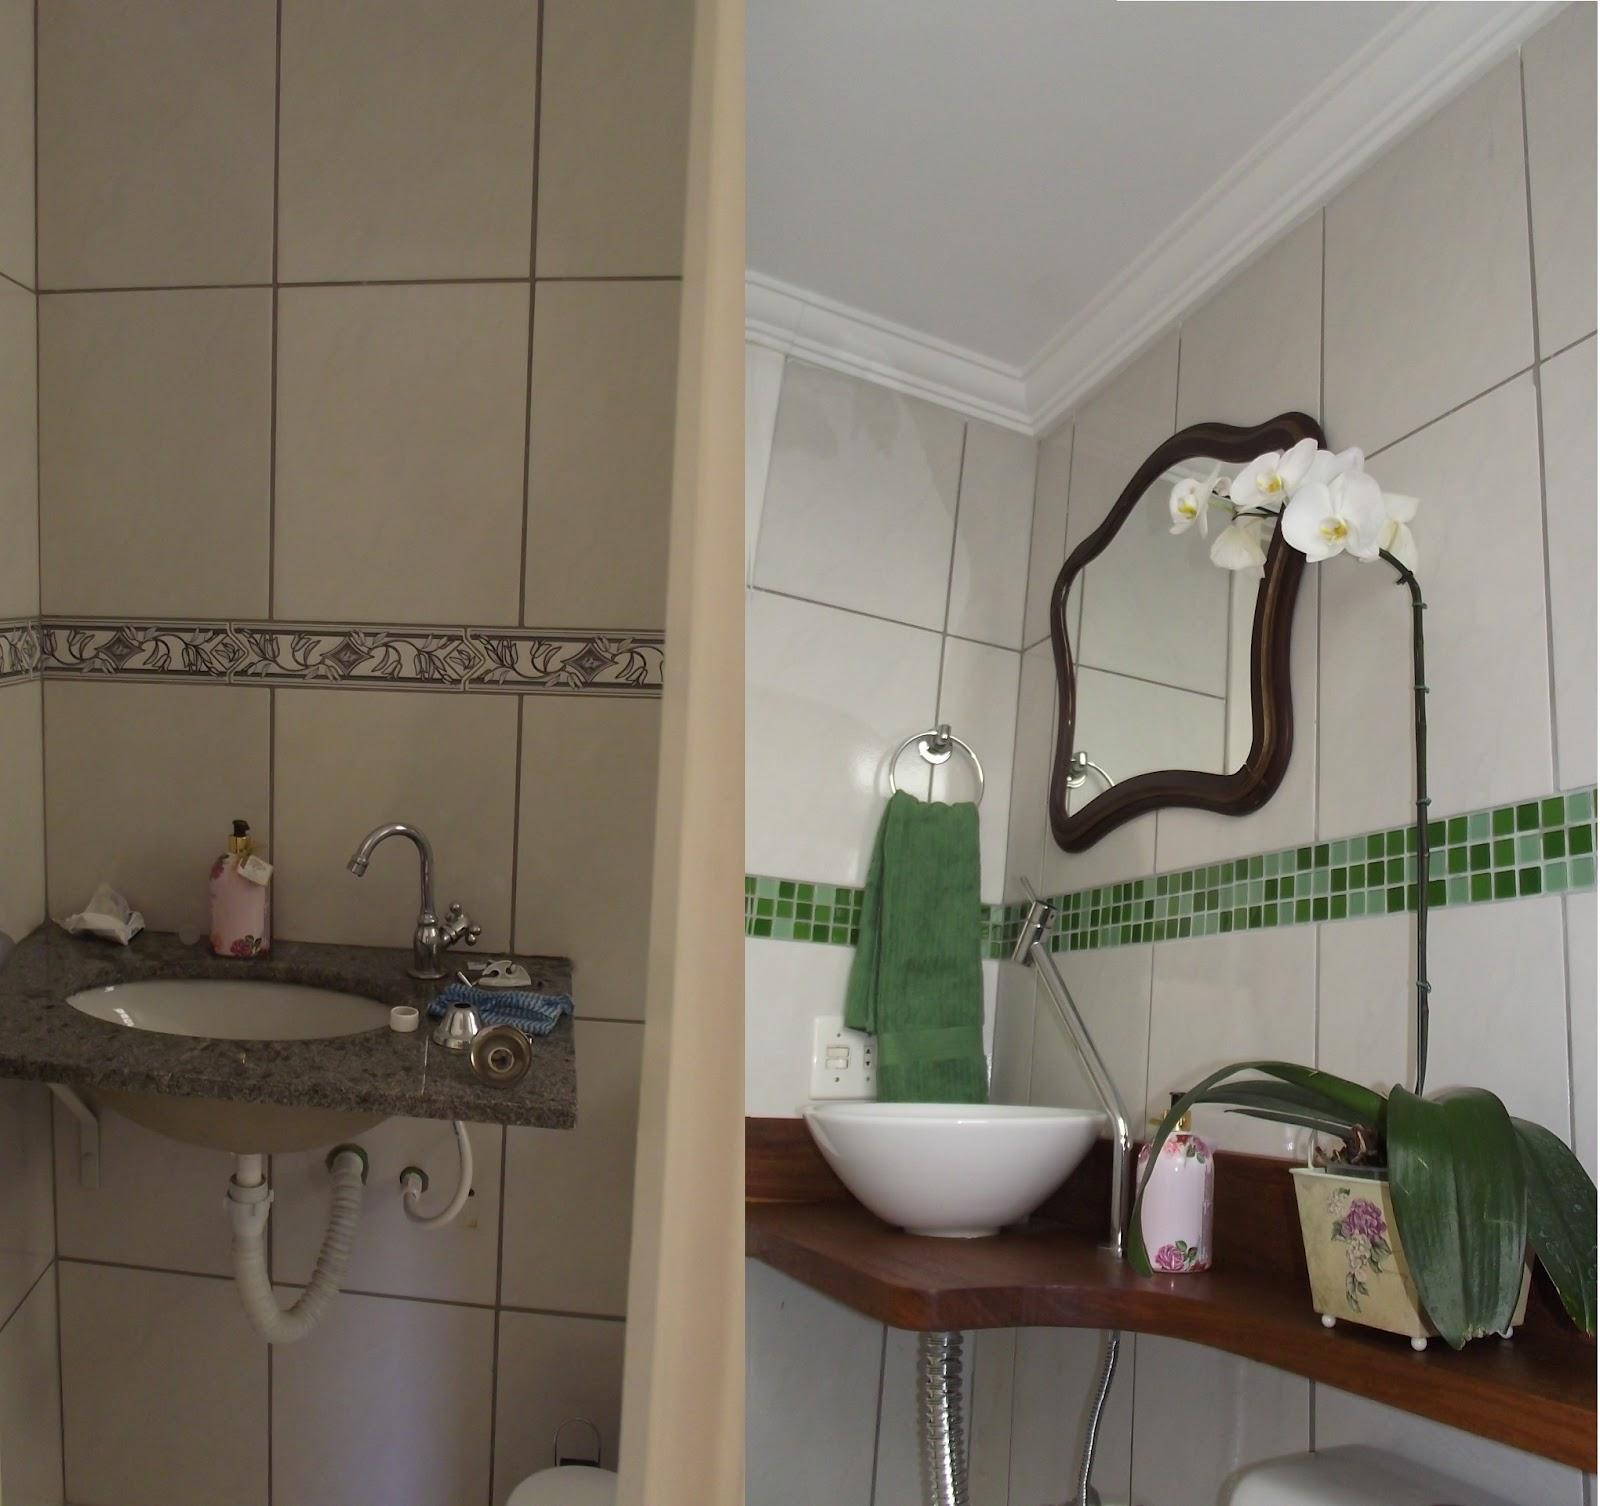 casa: Mais um antes e depois feito por mim desta vez de um b  #3B3225 1600x1506 Antes E Depois De Um Banheiro